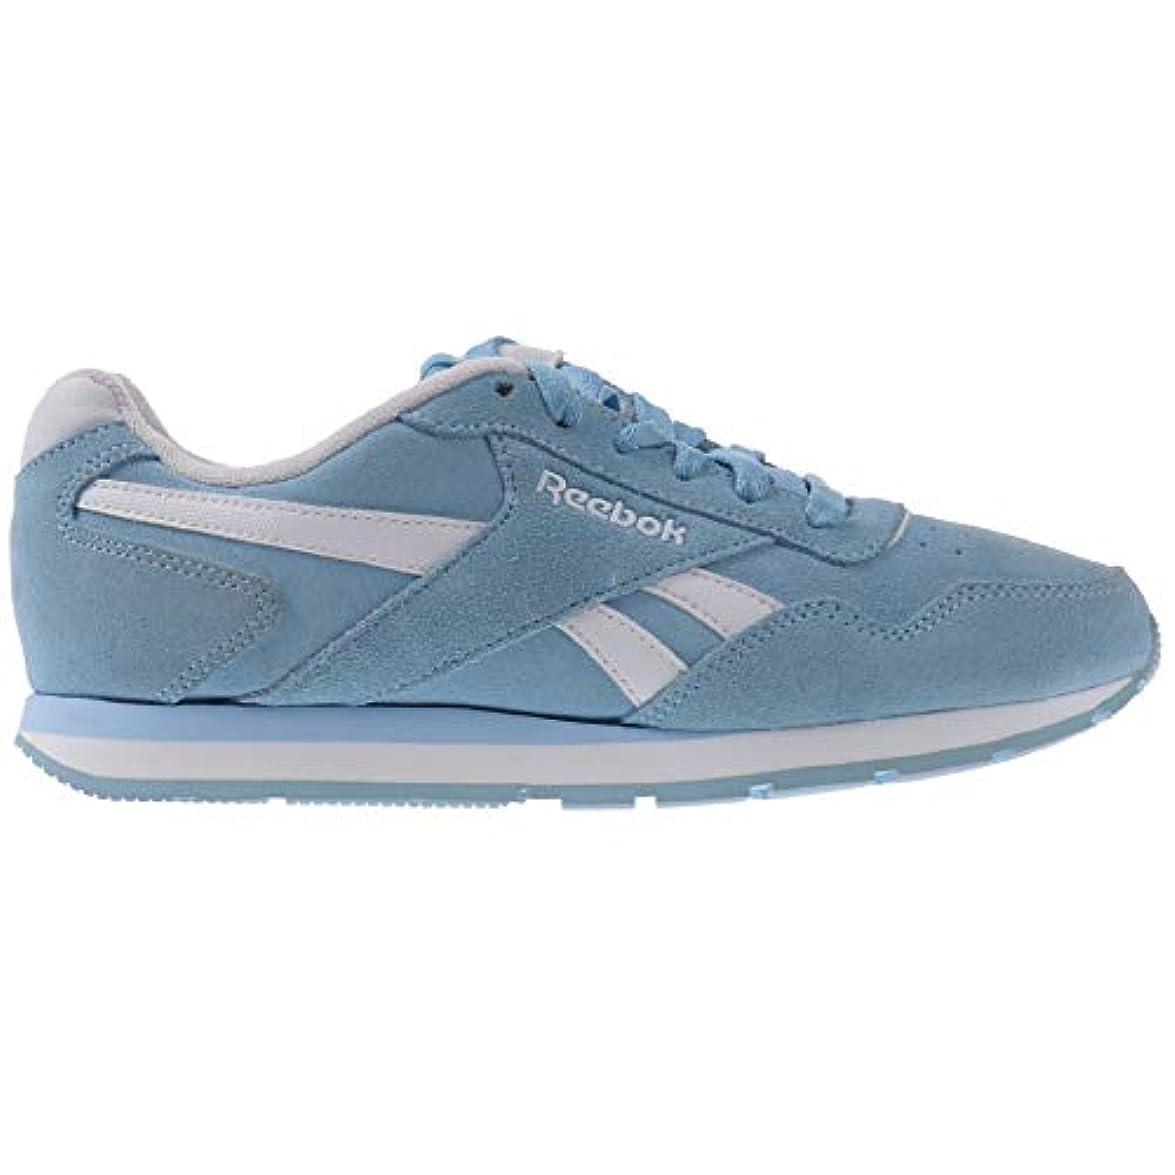 Reebok Royal Glide Shoes Woman Blue Eu 36